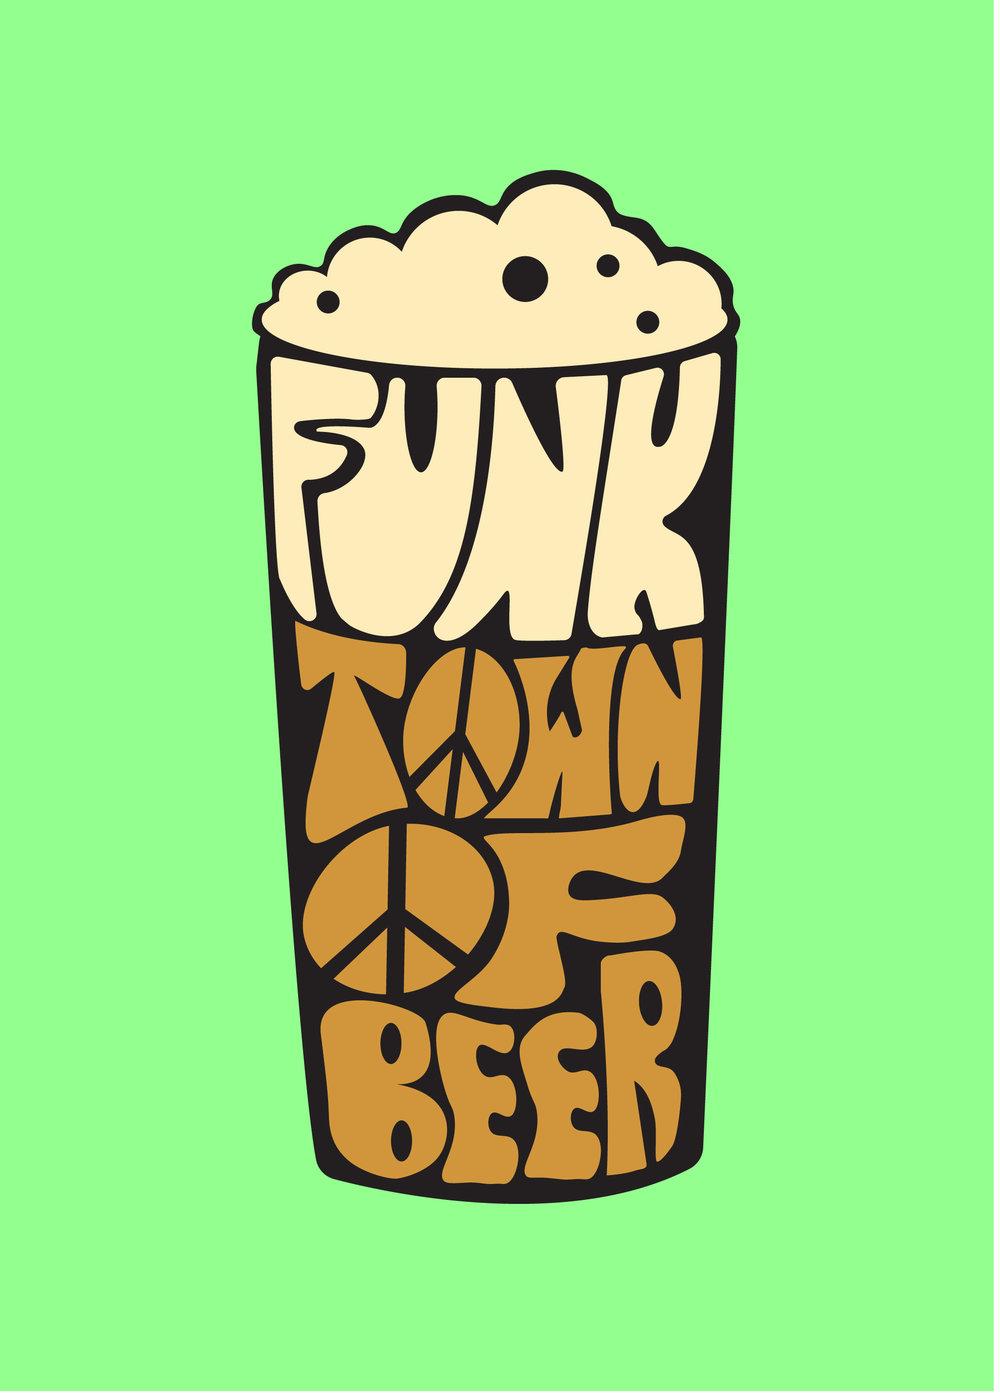 Funk Town of Beer